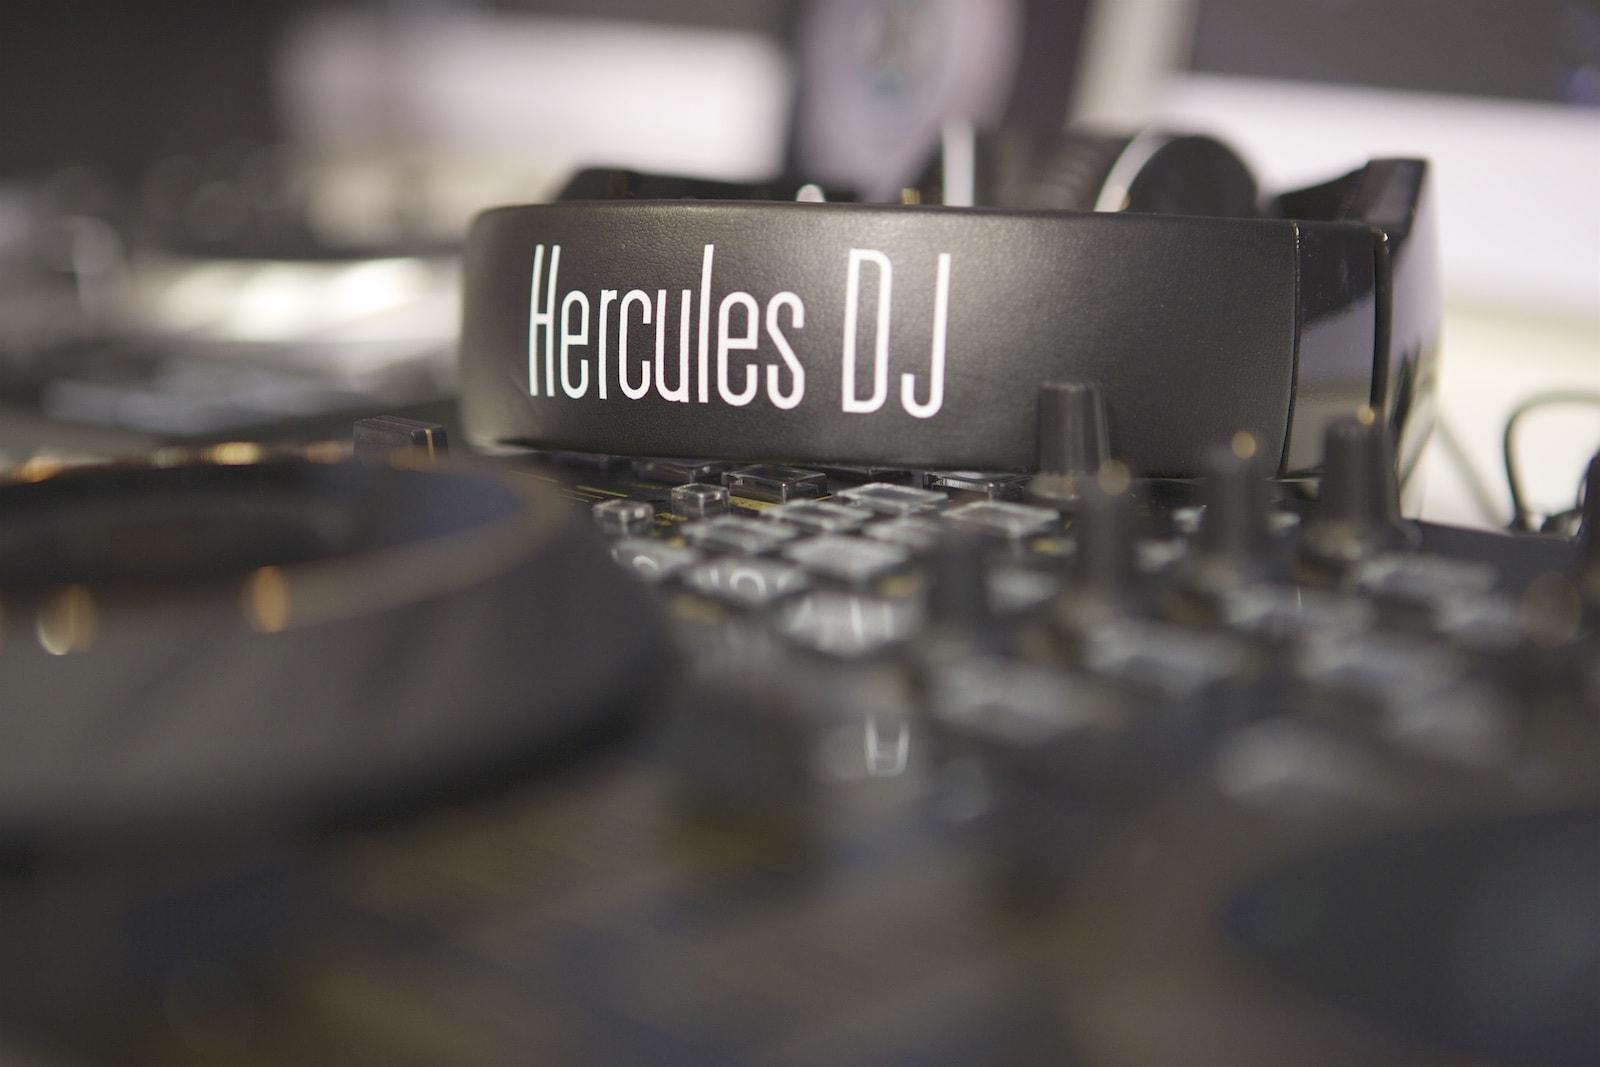 hercules12